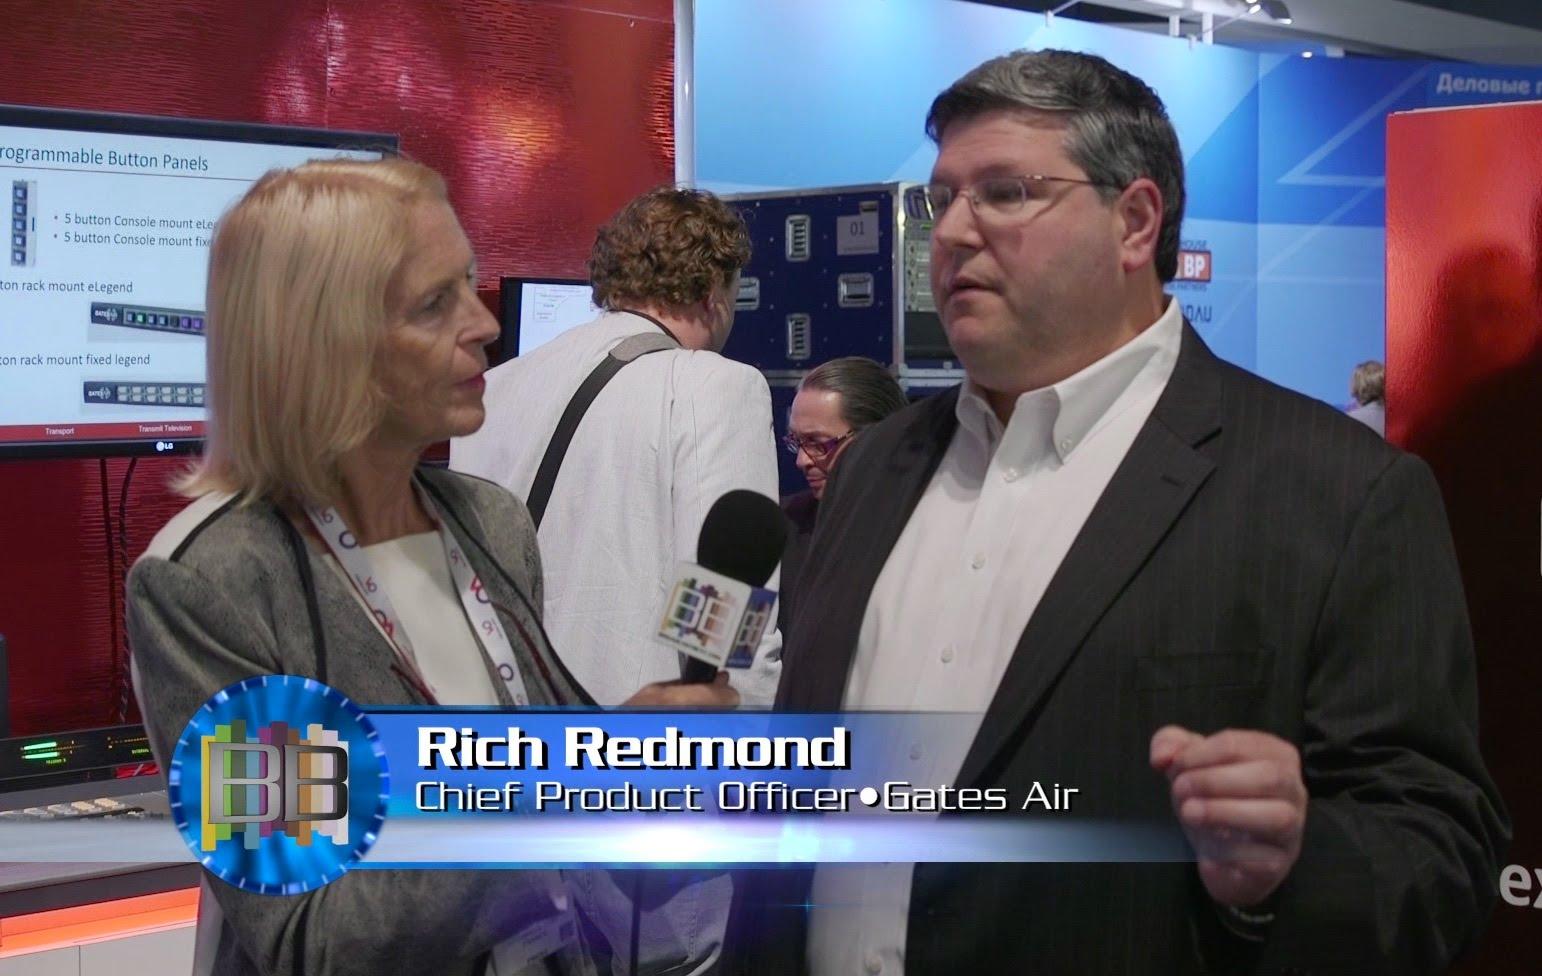 Rich Redmond GatesAir